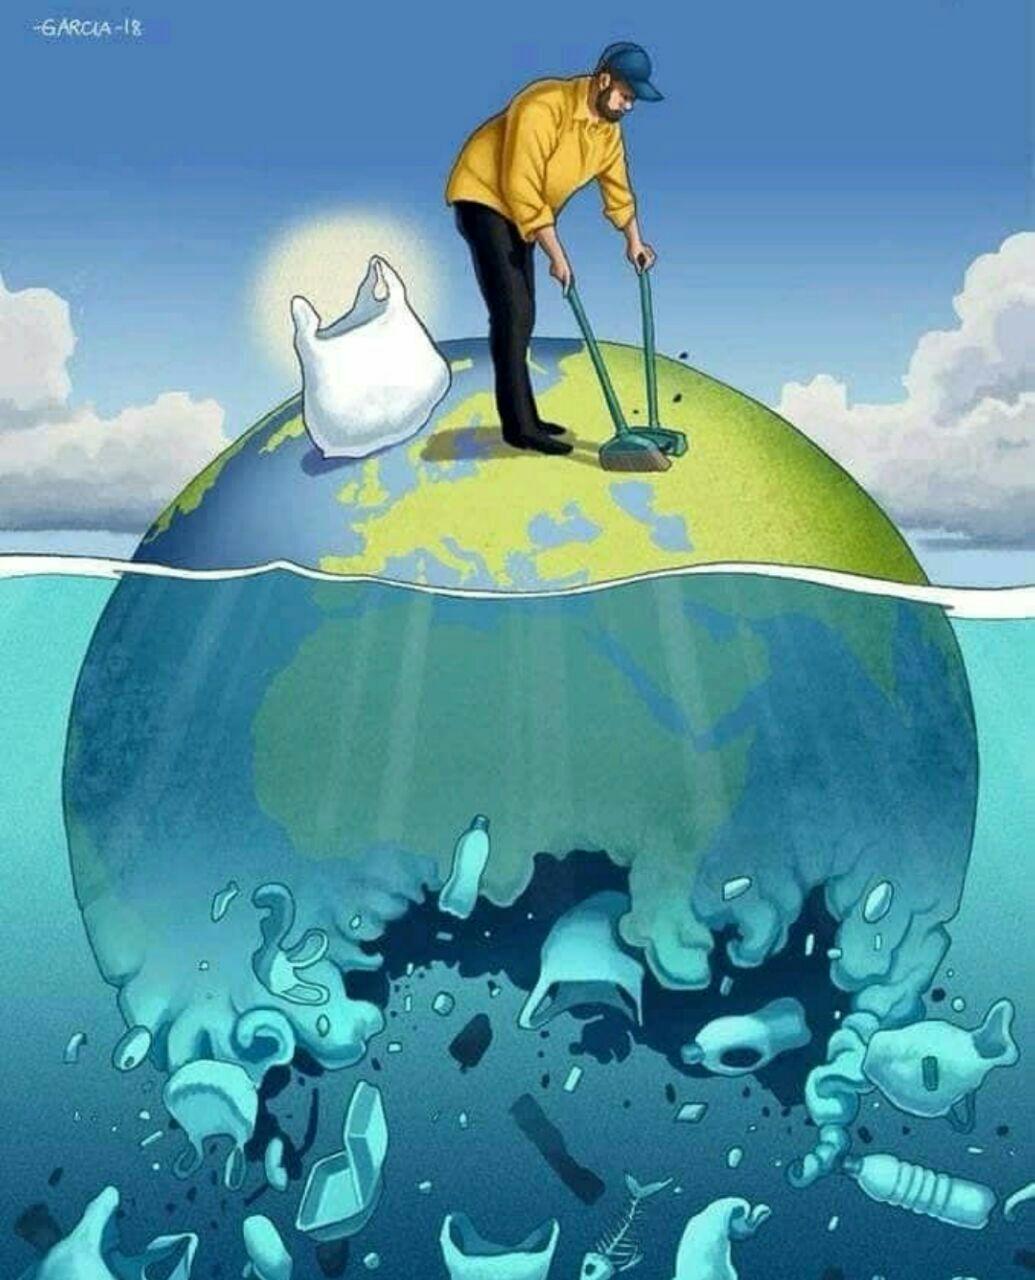 برای زندگی همین یک زمین را داریم!